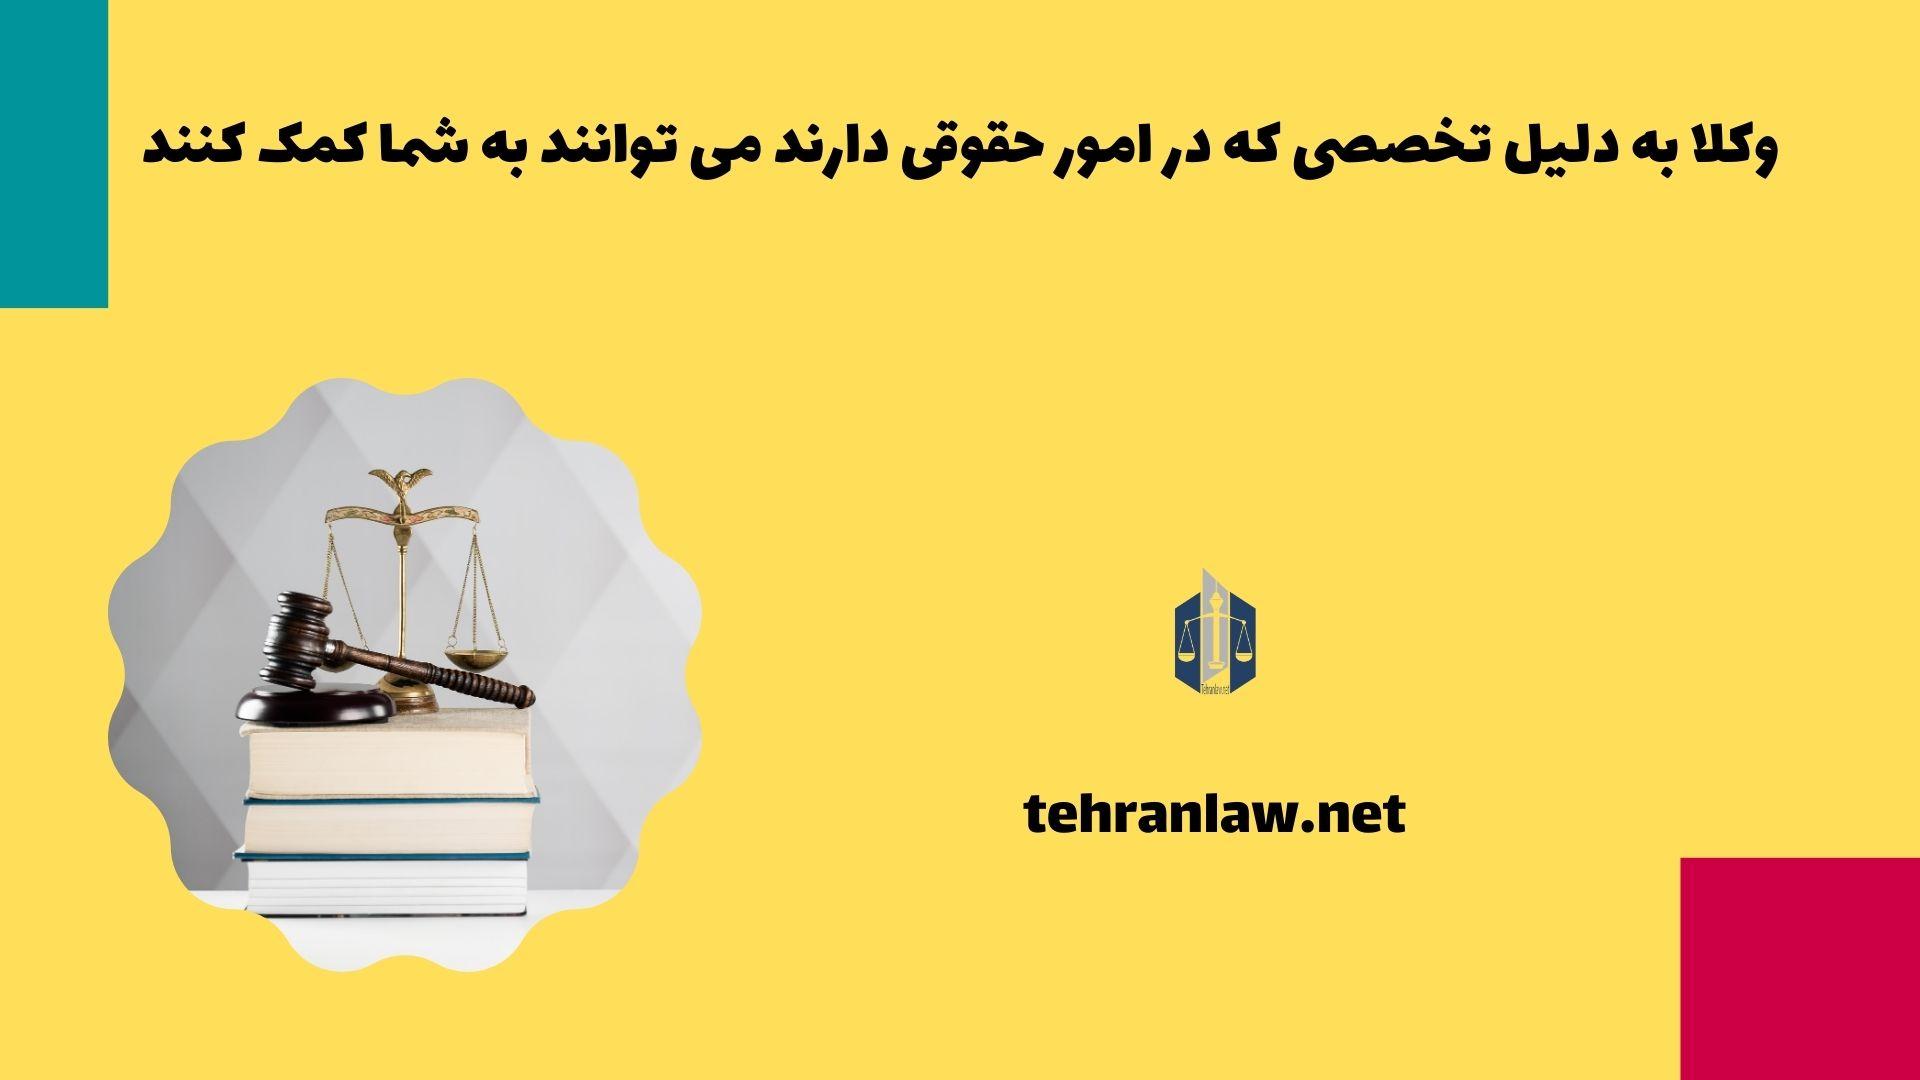 وکلا به دلیل تخصصی که در امور حقوقی دارند می توانند به شما کمک کنند